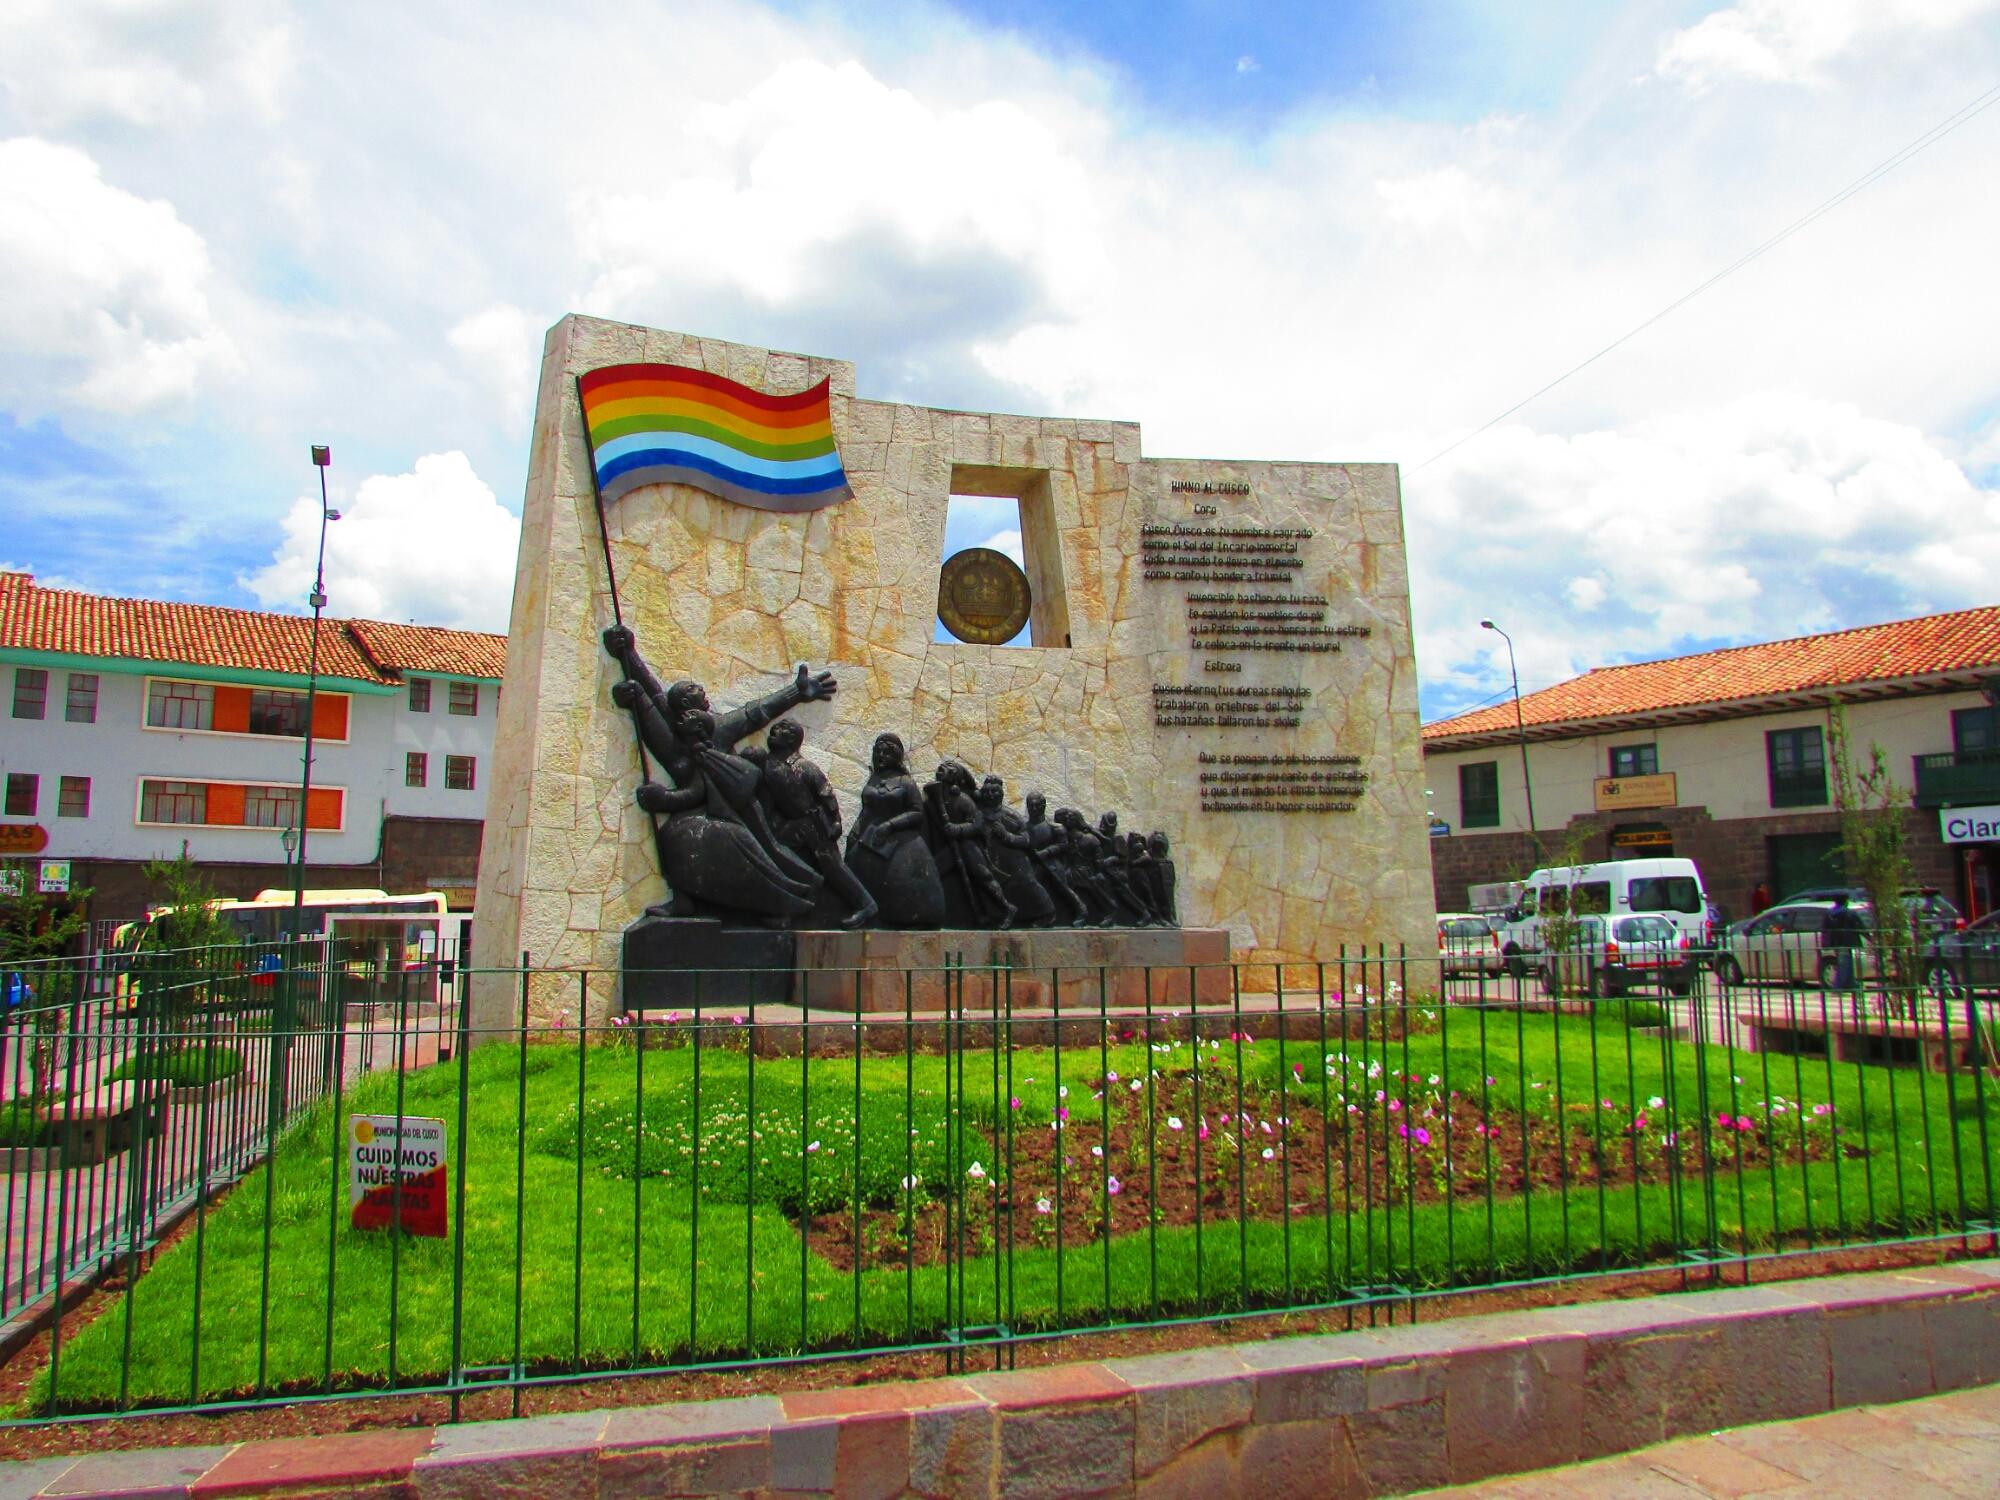 Cuzco estatua y bandera de independencia en el centro de la ciudad